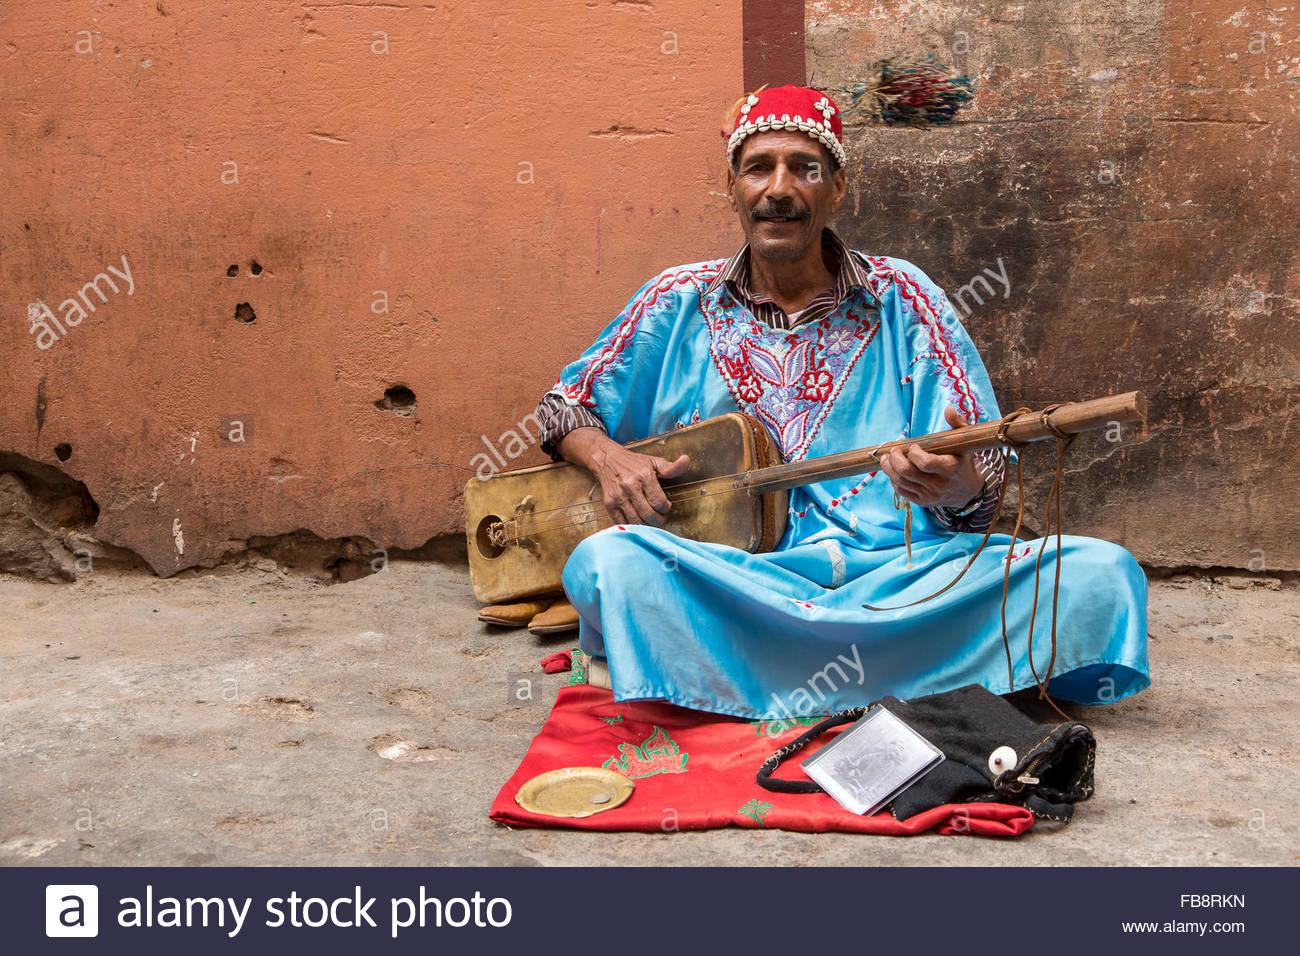 Guimbri Spieler (eine Art Bass Laute) als Straßenmusikant auf der Straße in Marrakesch. Stockbild